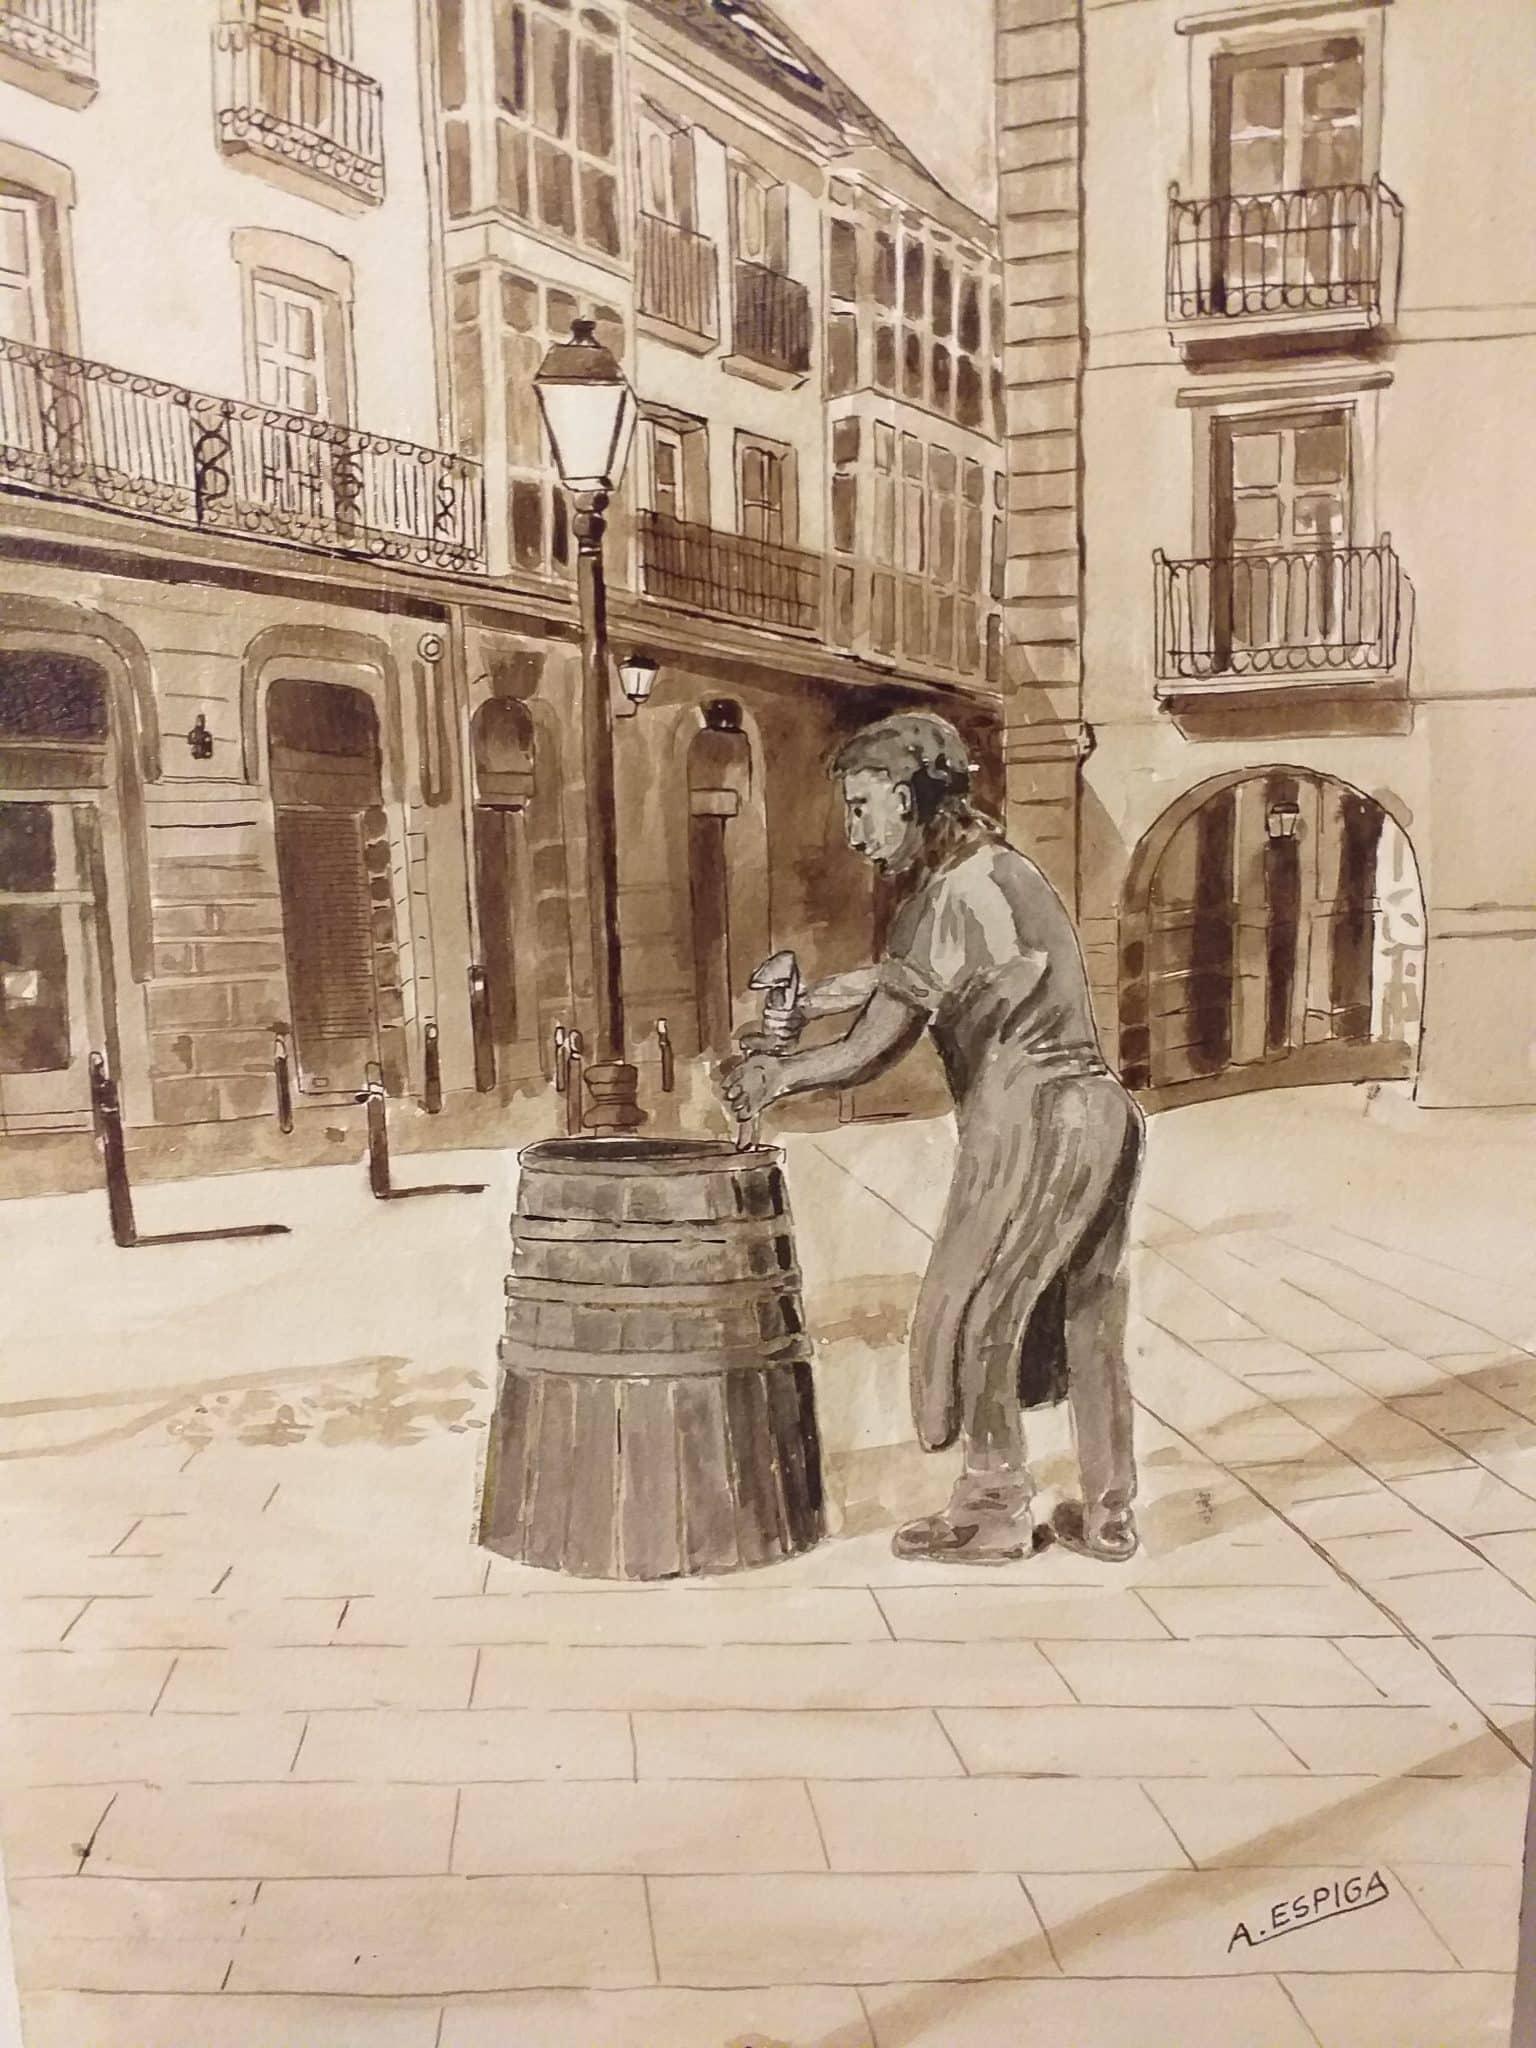 Alejandro Espiga muestra en Haro su exposición de pintura con fines solidarios 1